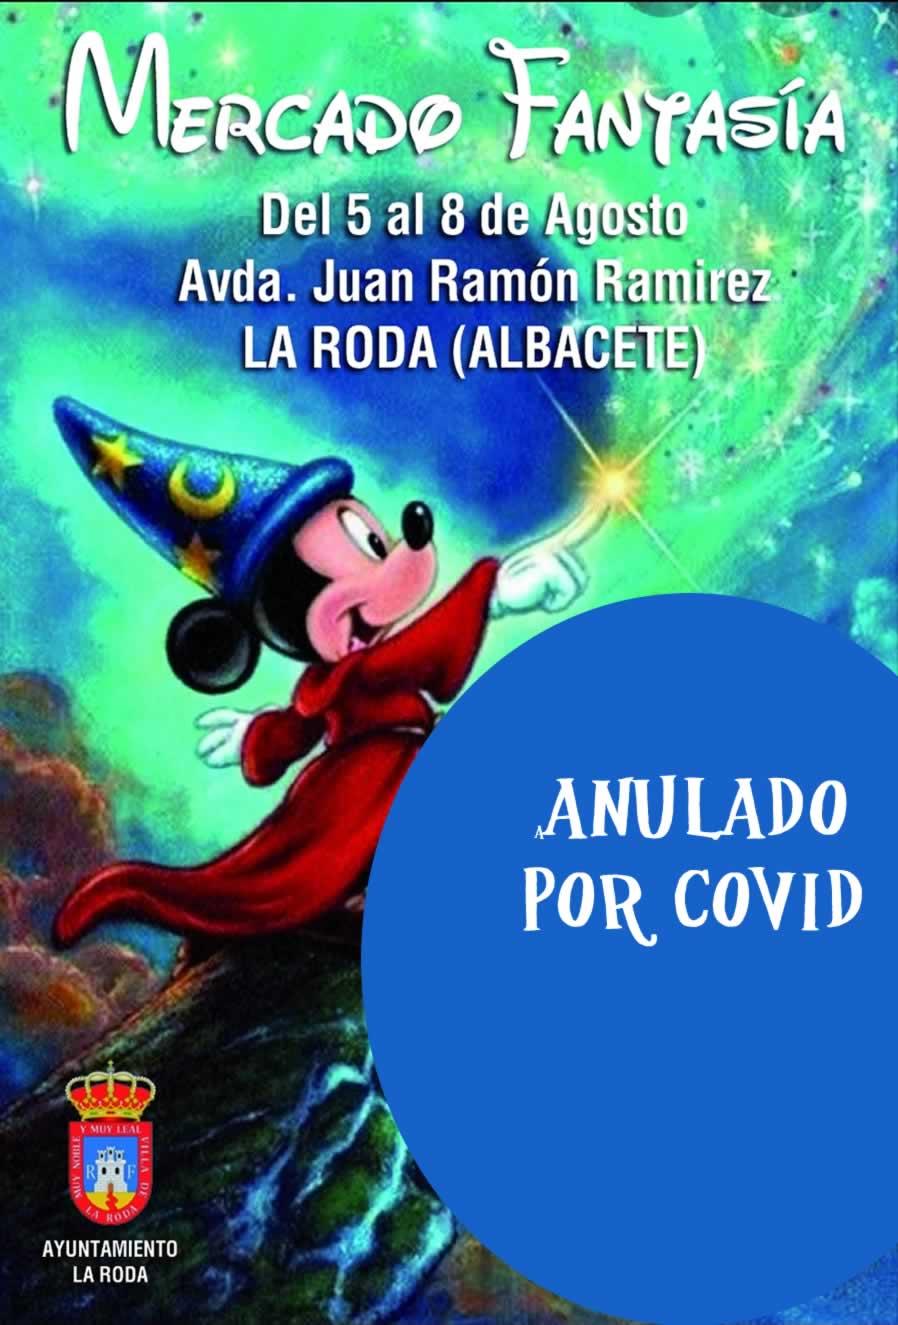 Mercado de la fantasia en La Roda, ALbacete suspendido por Covid-199